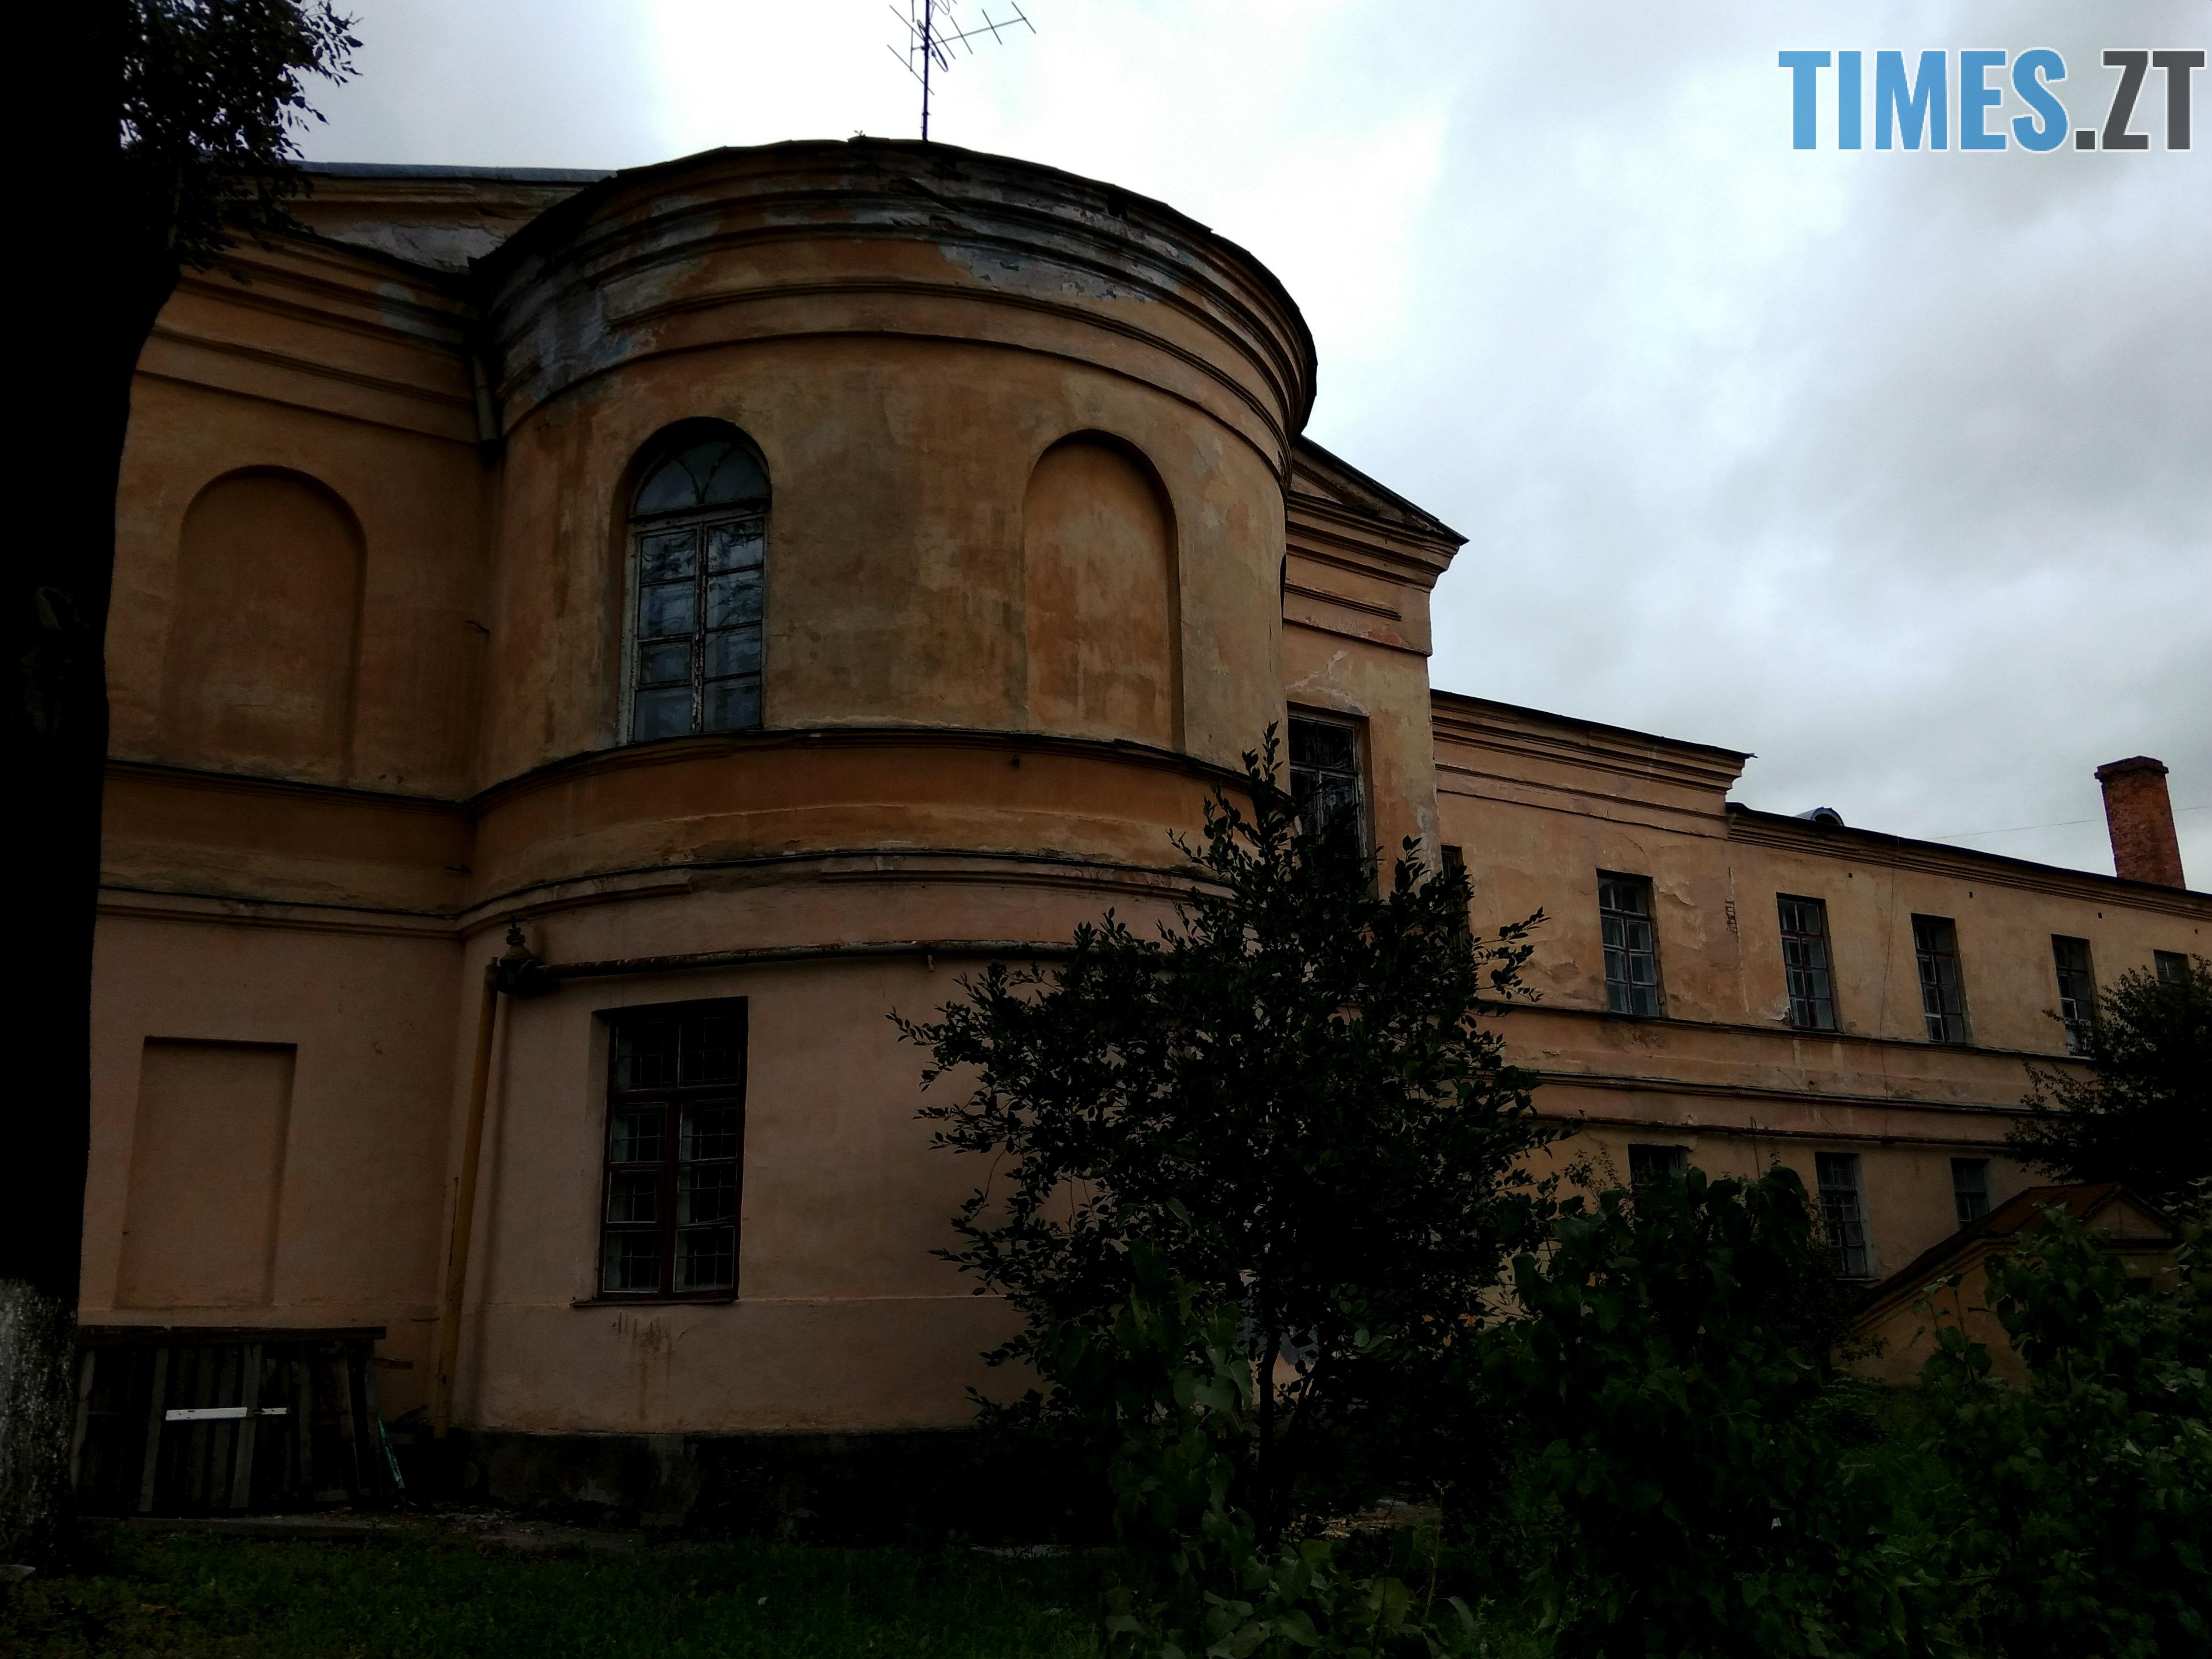 IMG 20181003 124952 1 - Осінній Житомир: місто в деталях